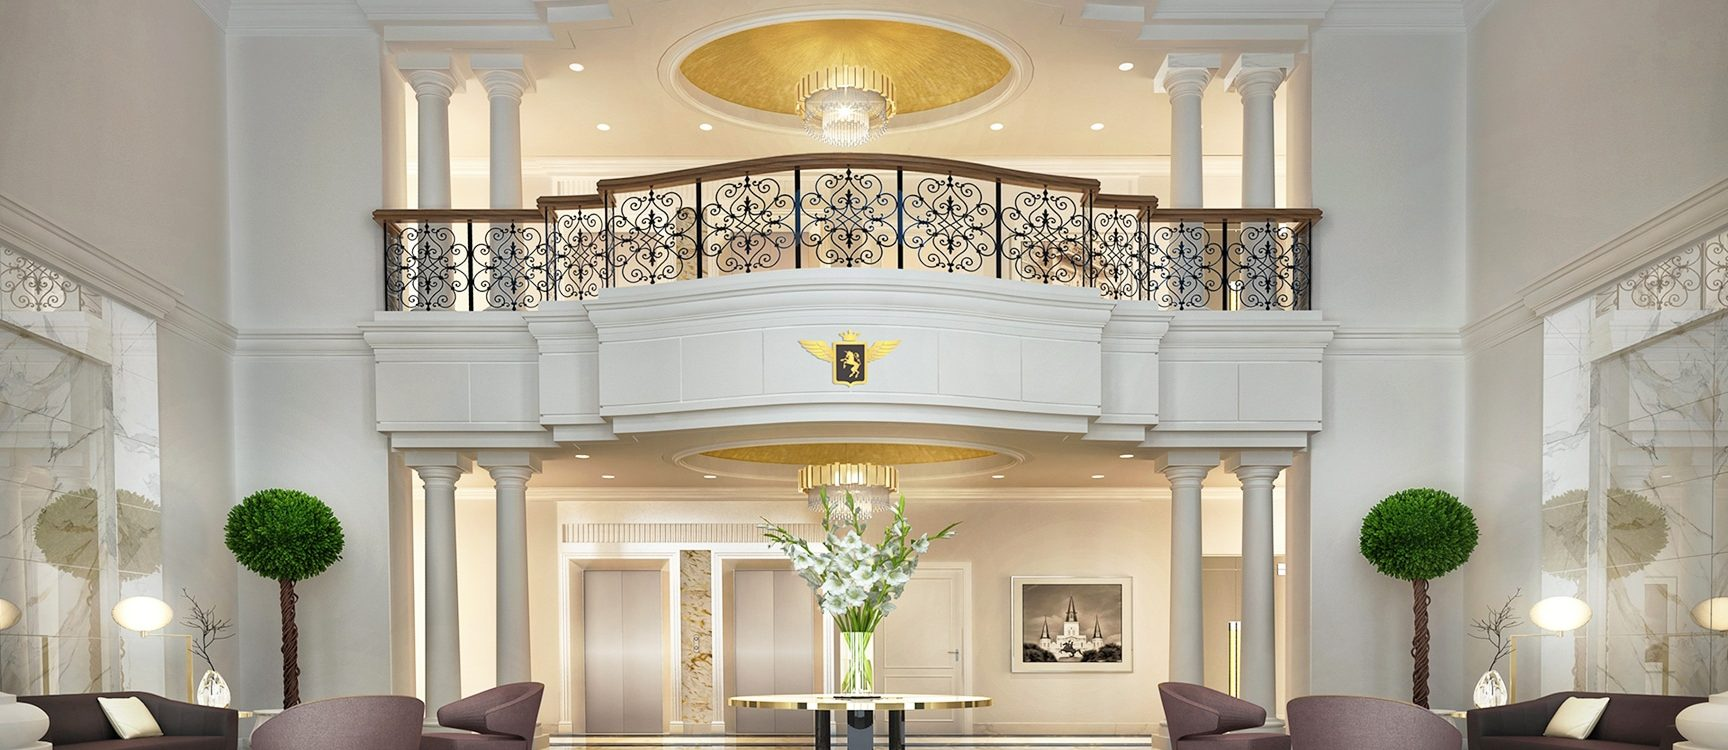 apartments-for-sale-in-vincitore-benessere-dubai-view10